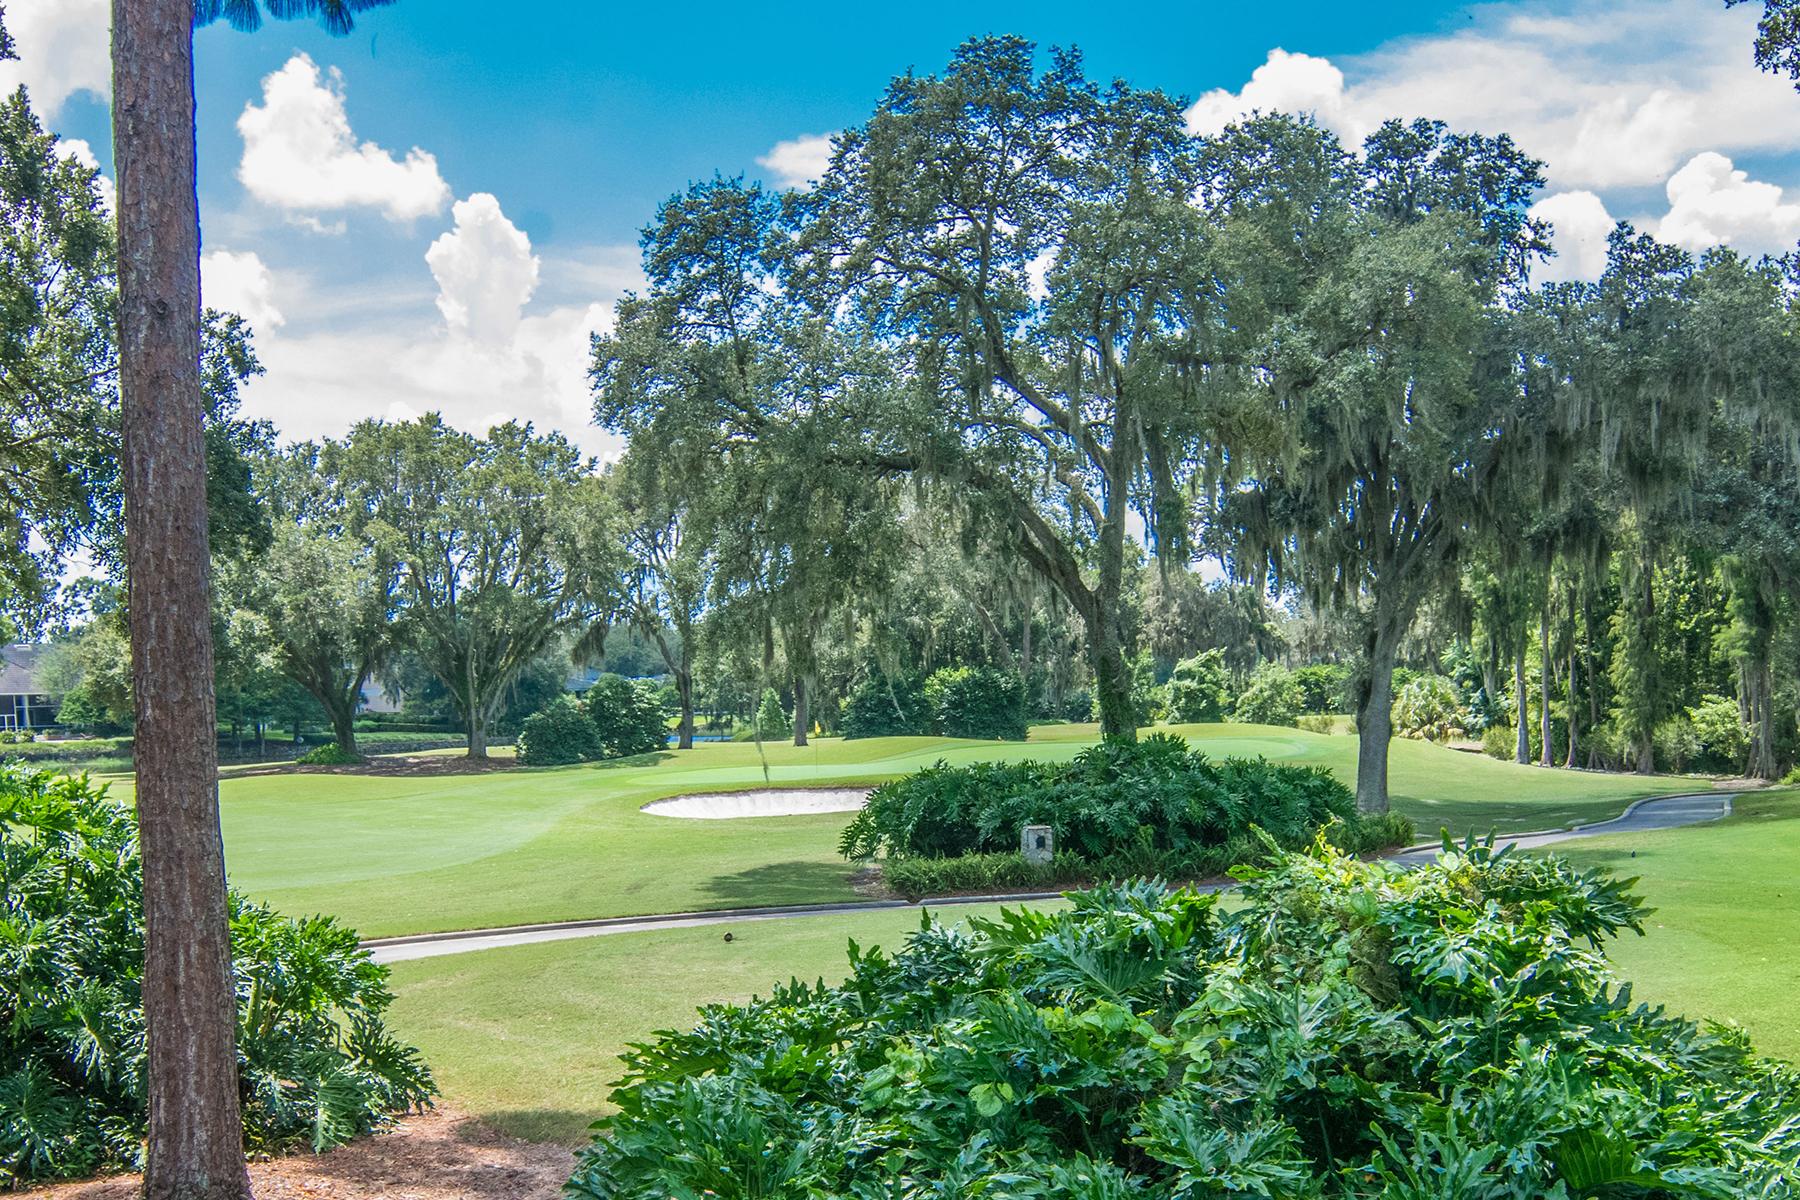 Terreno por un Venta en LUTZ 16906 Villalagos De Avila, Lutz, Florida 33548 Estados Unidos